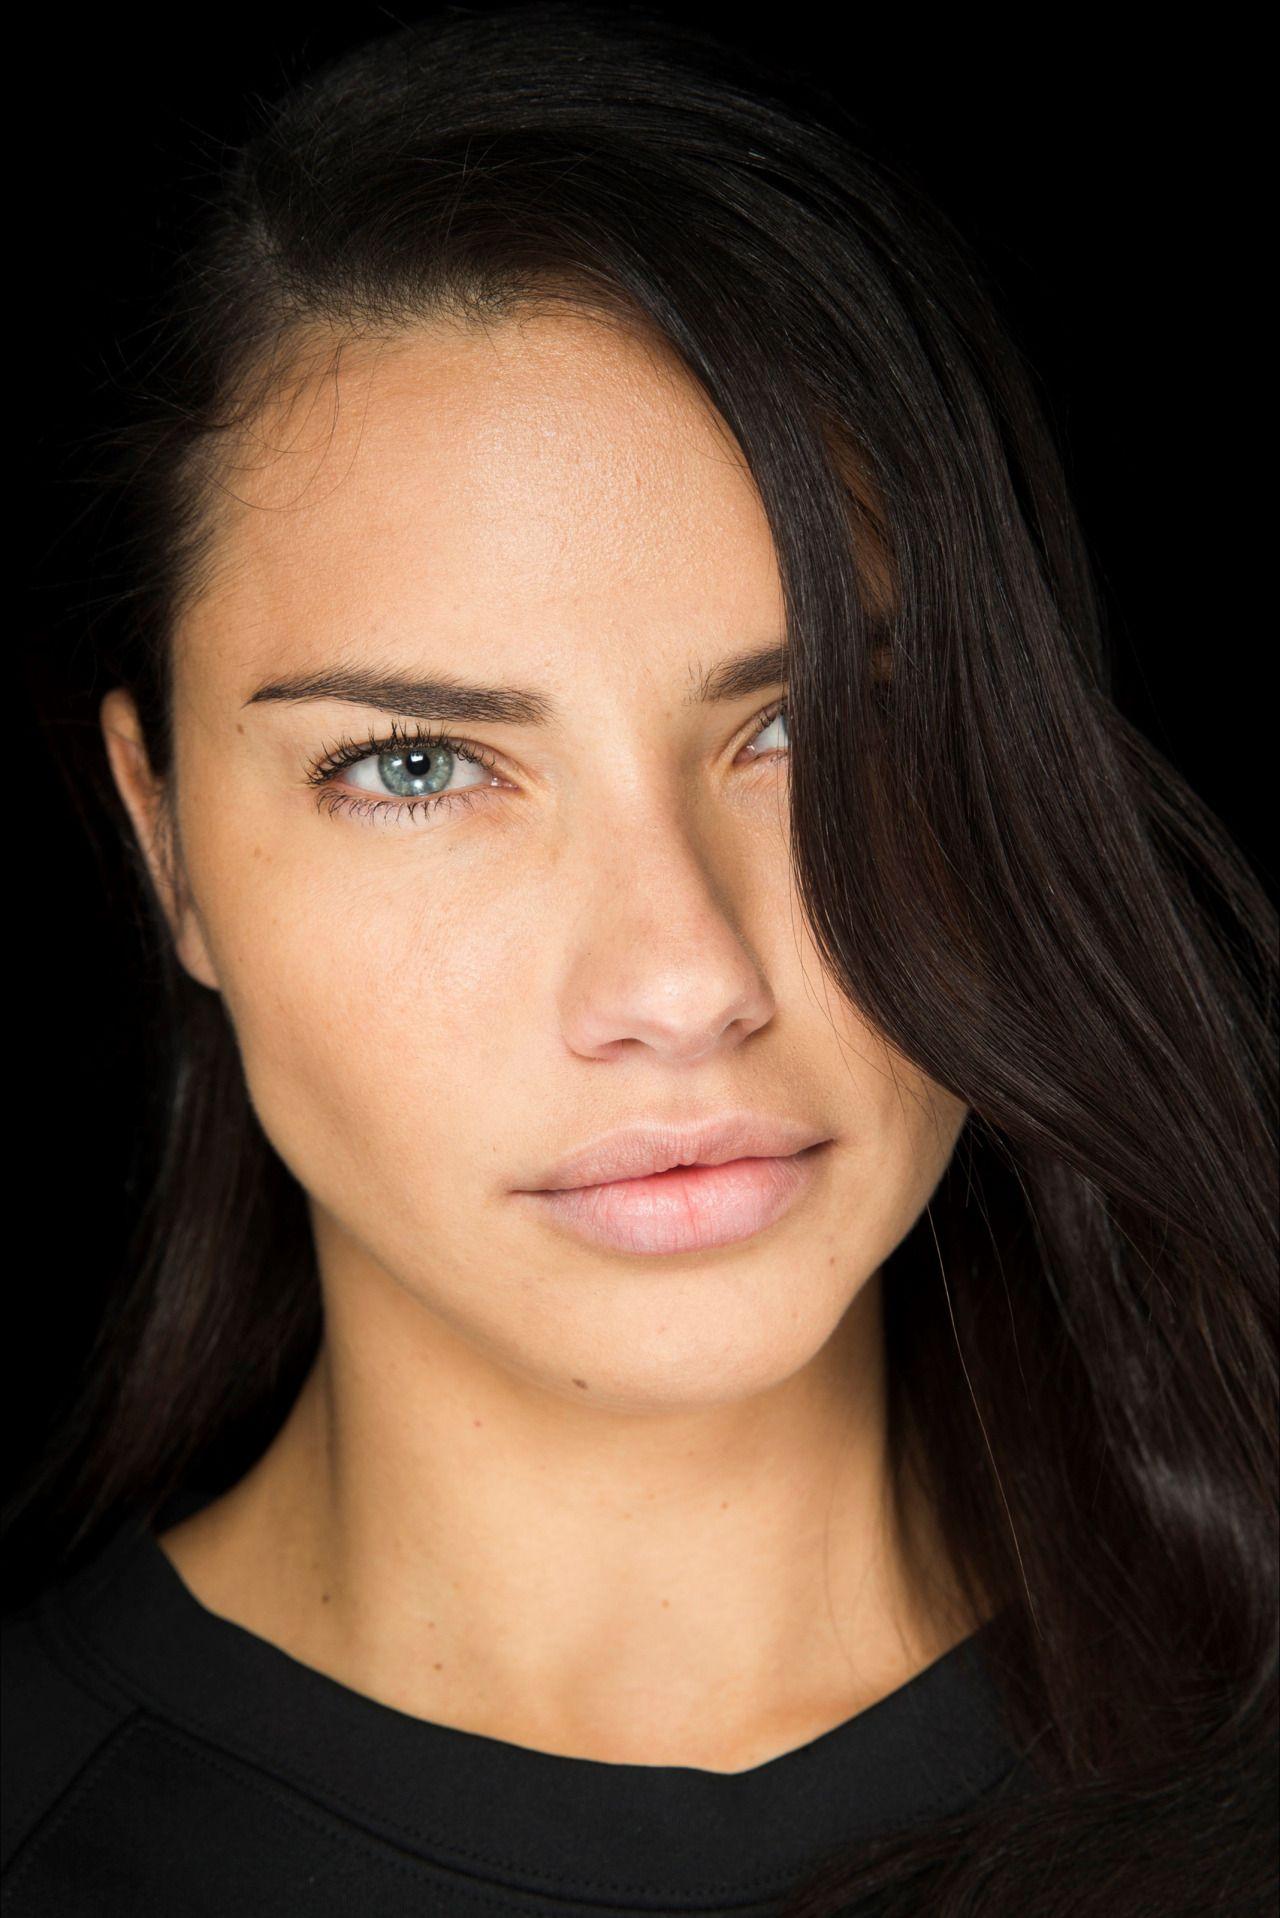 oncethingslookup Best eye cream, Adriana lima without